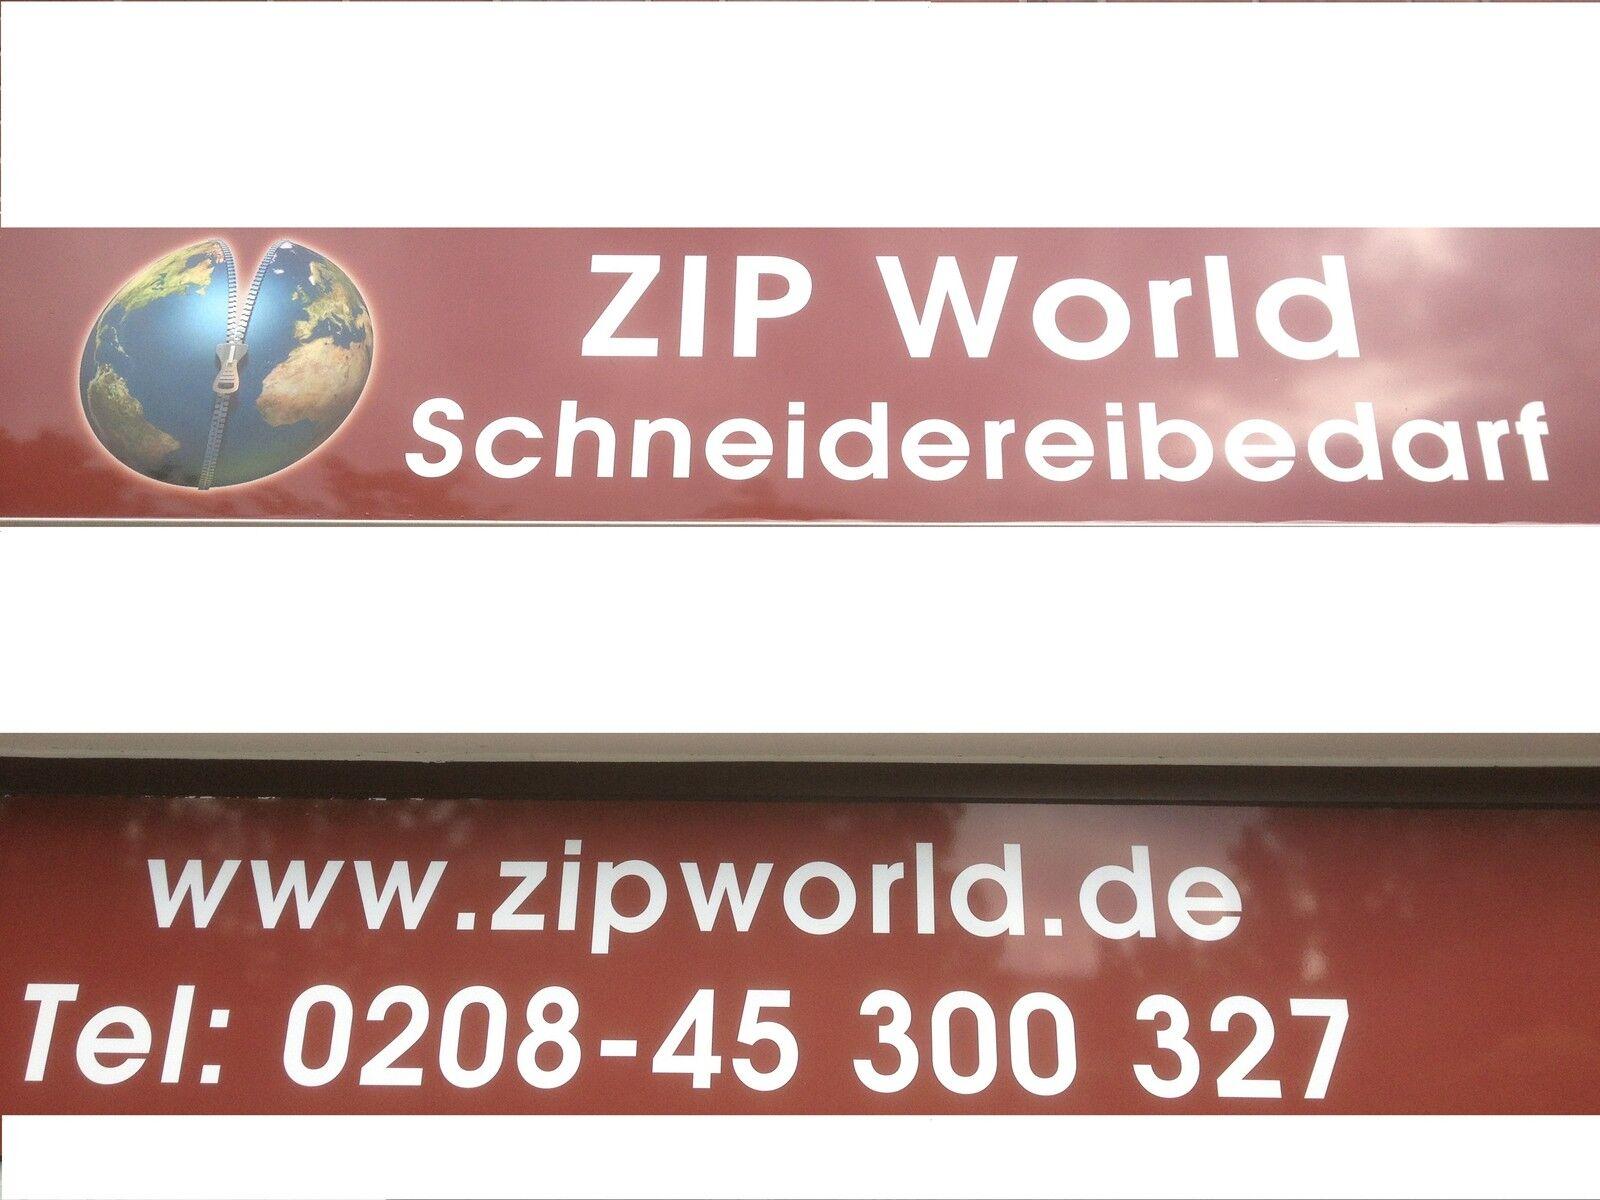 ZIP WORLD Schneidereibedarf